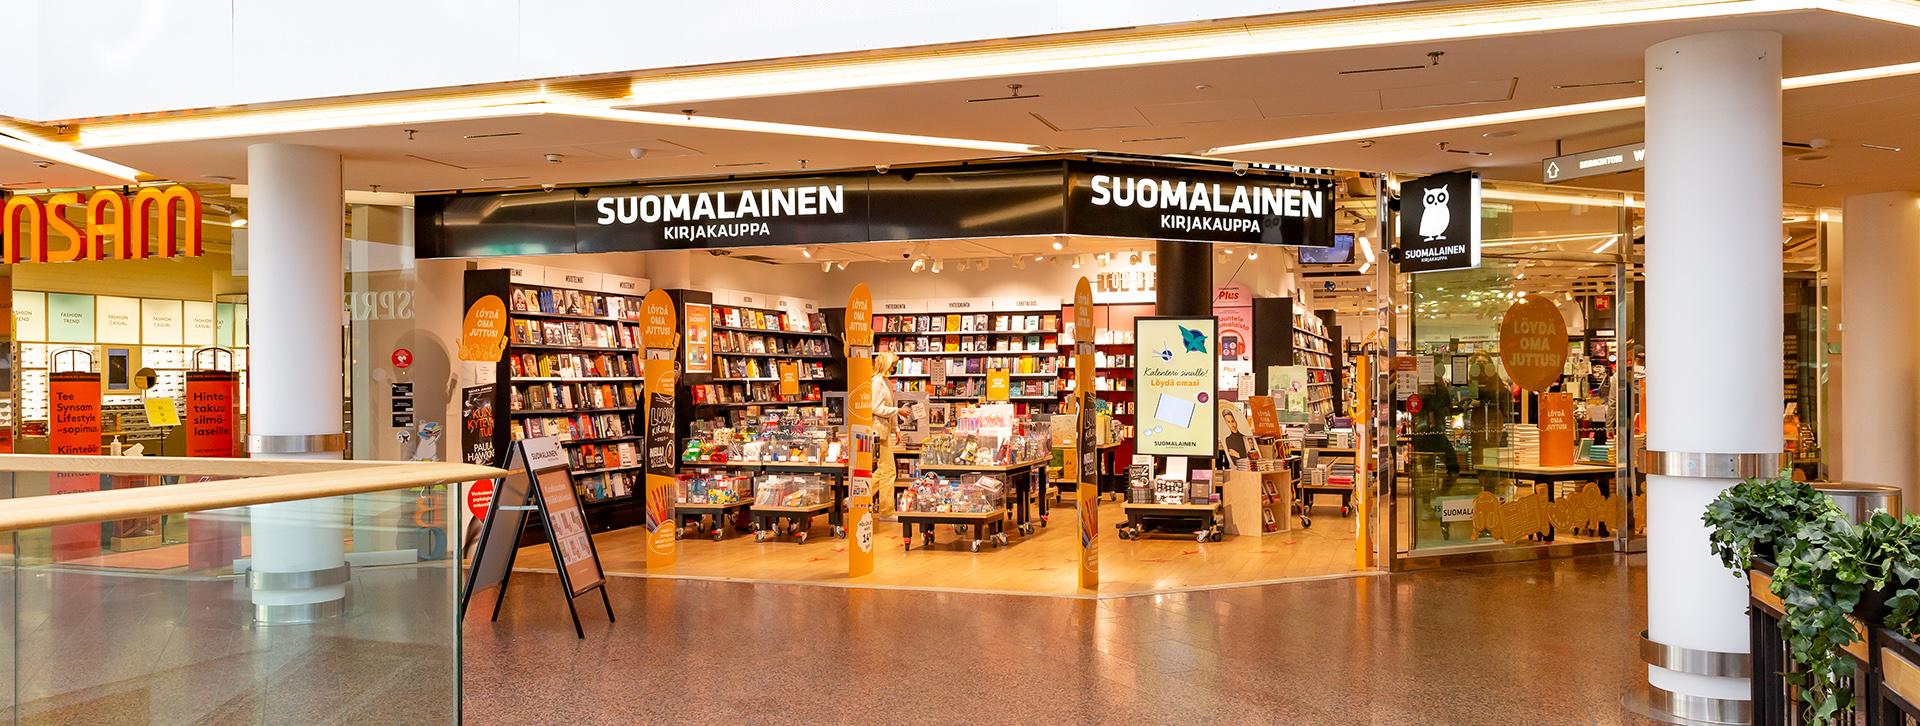 hansakortteli-suomalainen-kirjakauppa